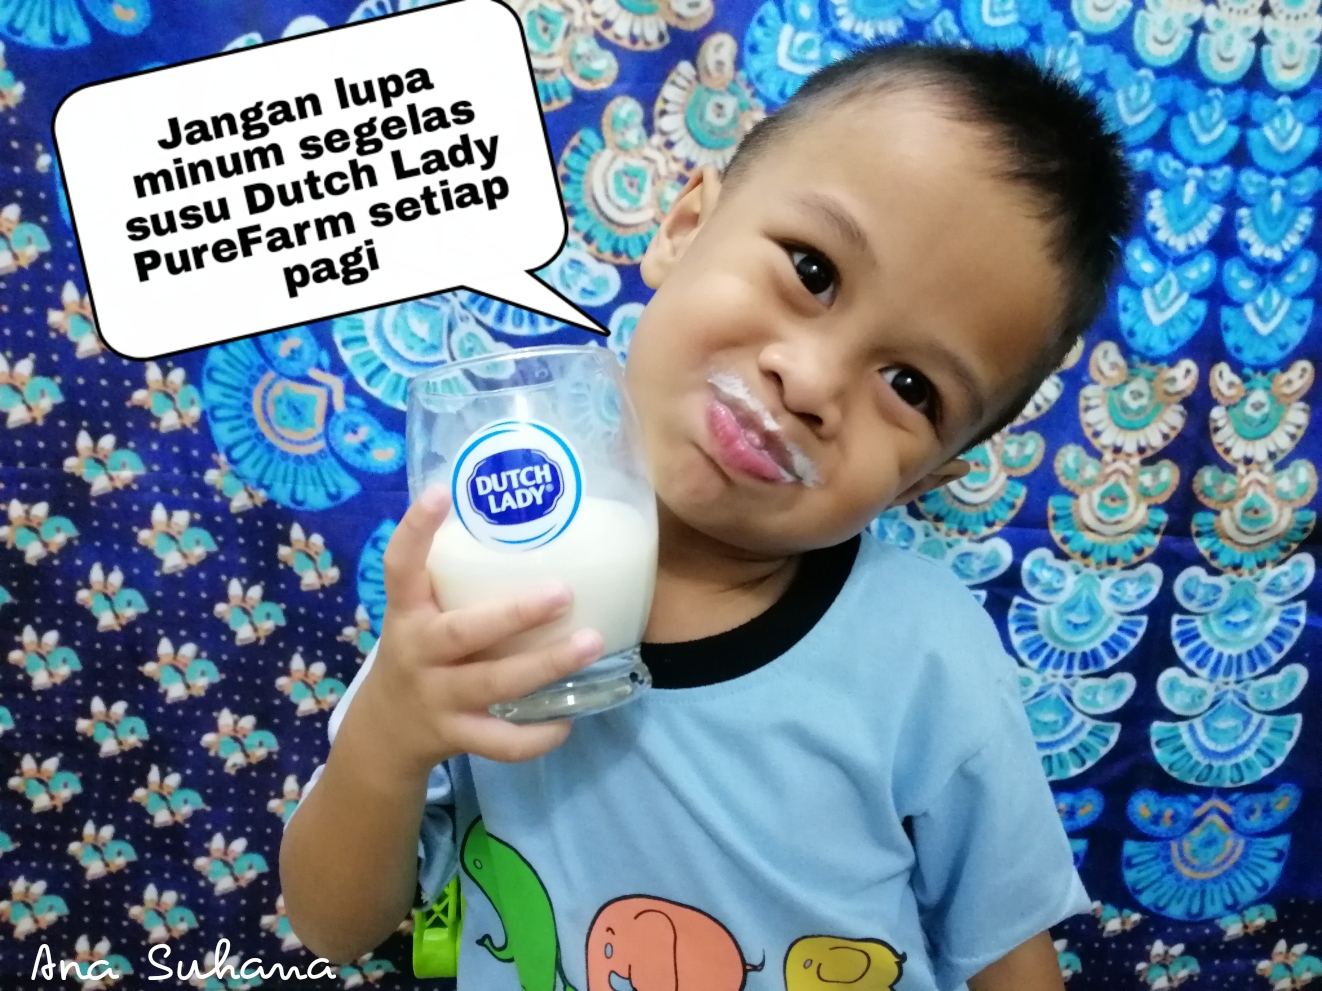 Susu Dutch Lady PureFarm Pelengkap Permulaan Hari Yang Kuat